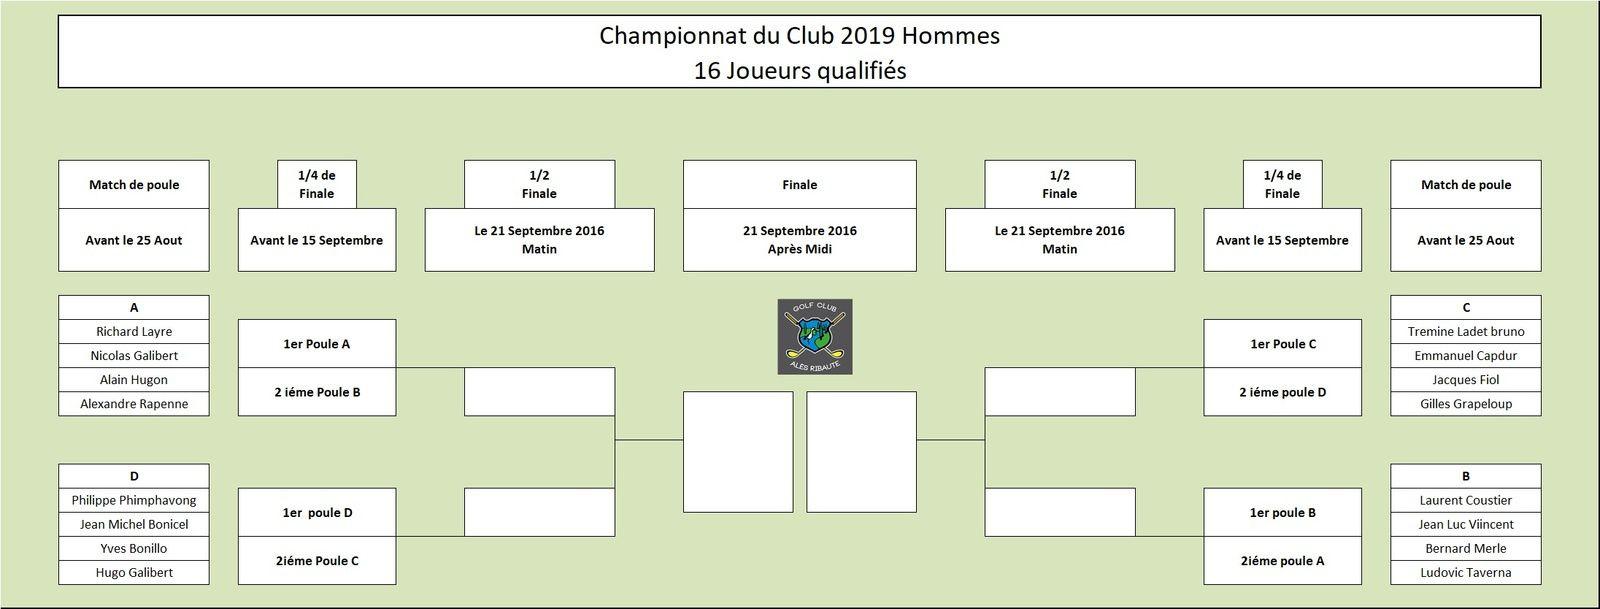 TABLEAUX CHAMPIONNAT DU CLUB HOMMES 2019